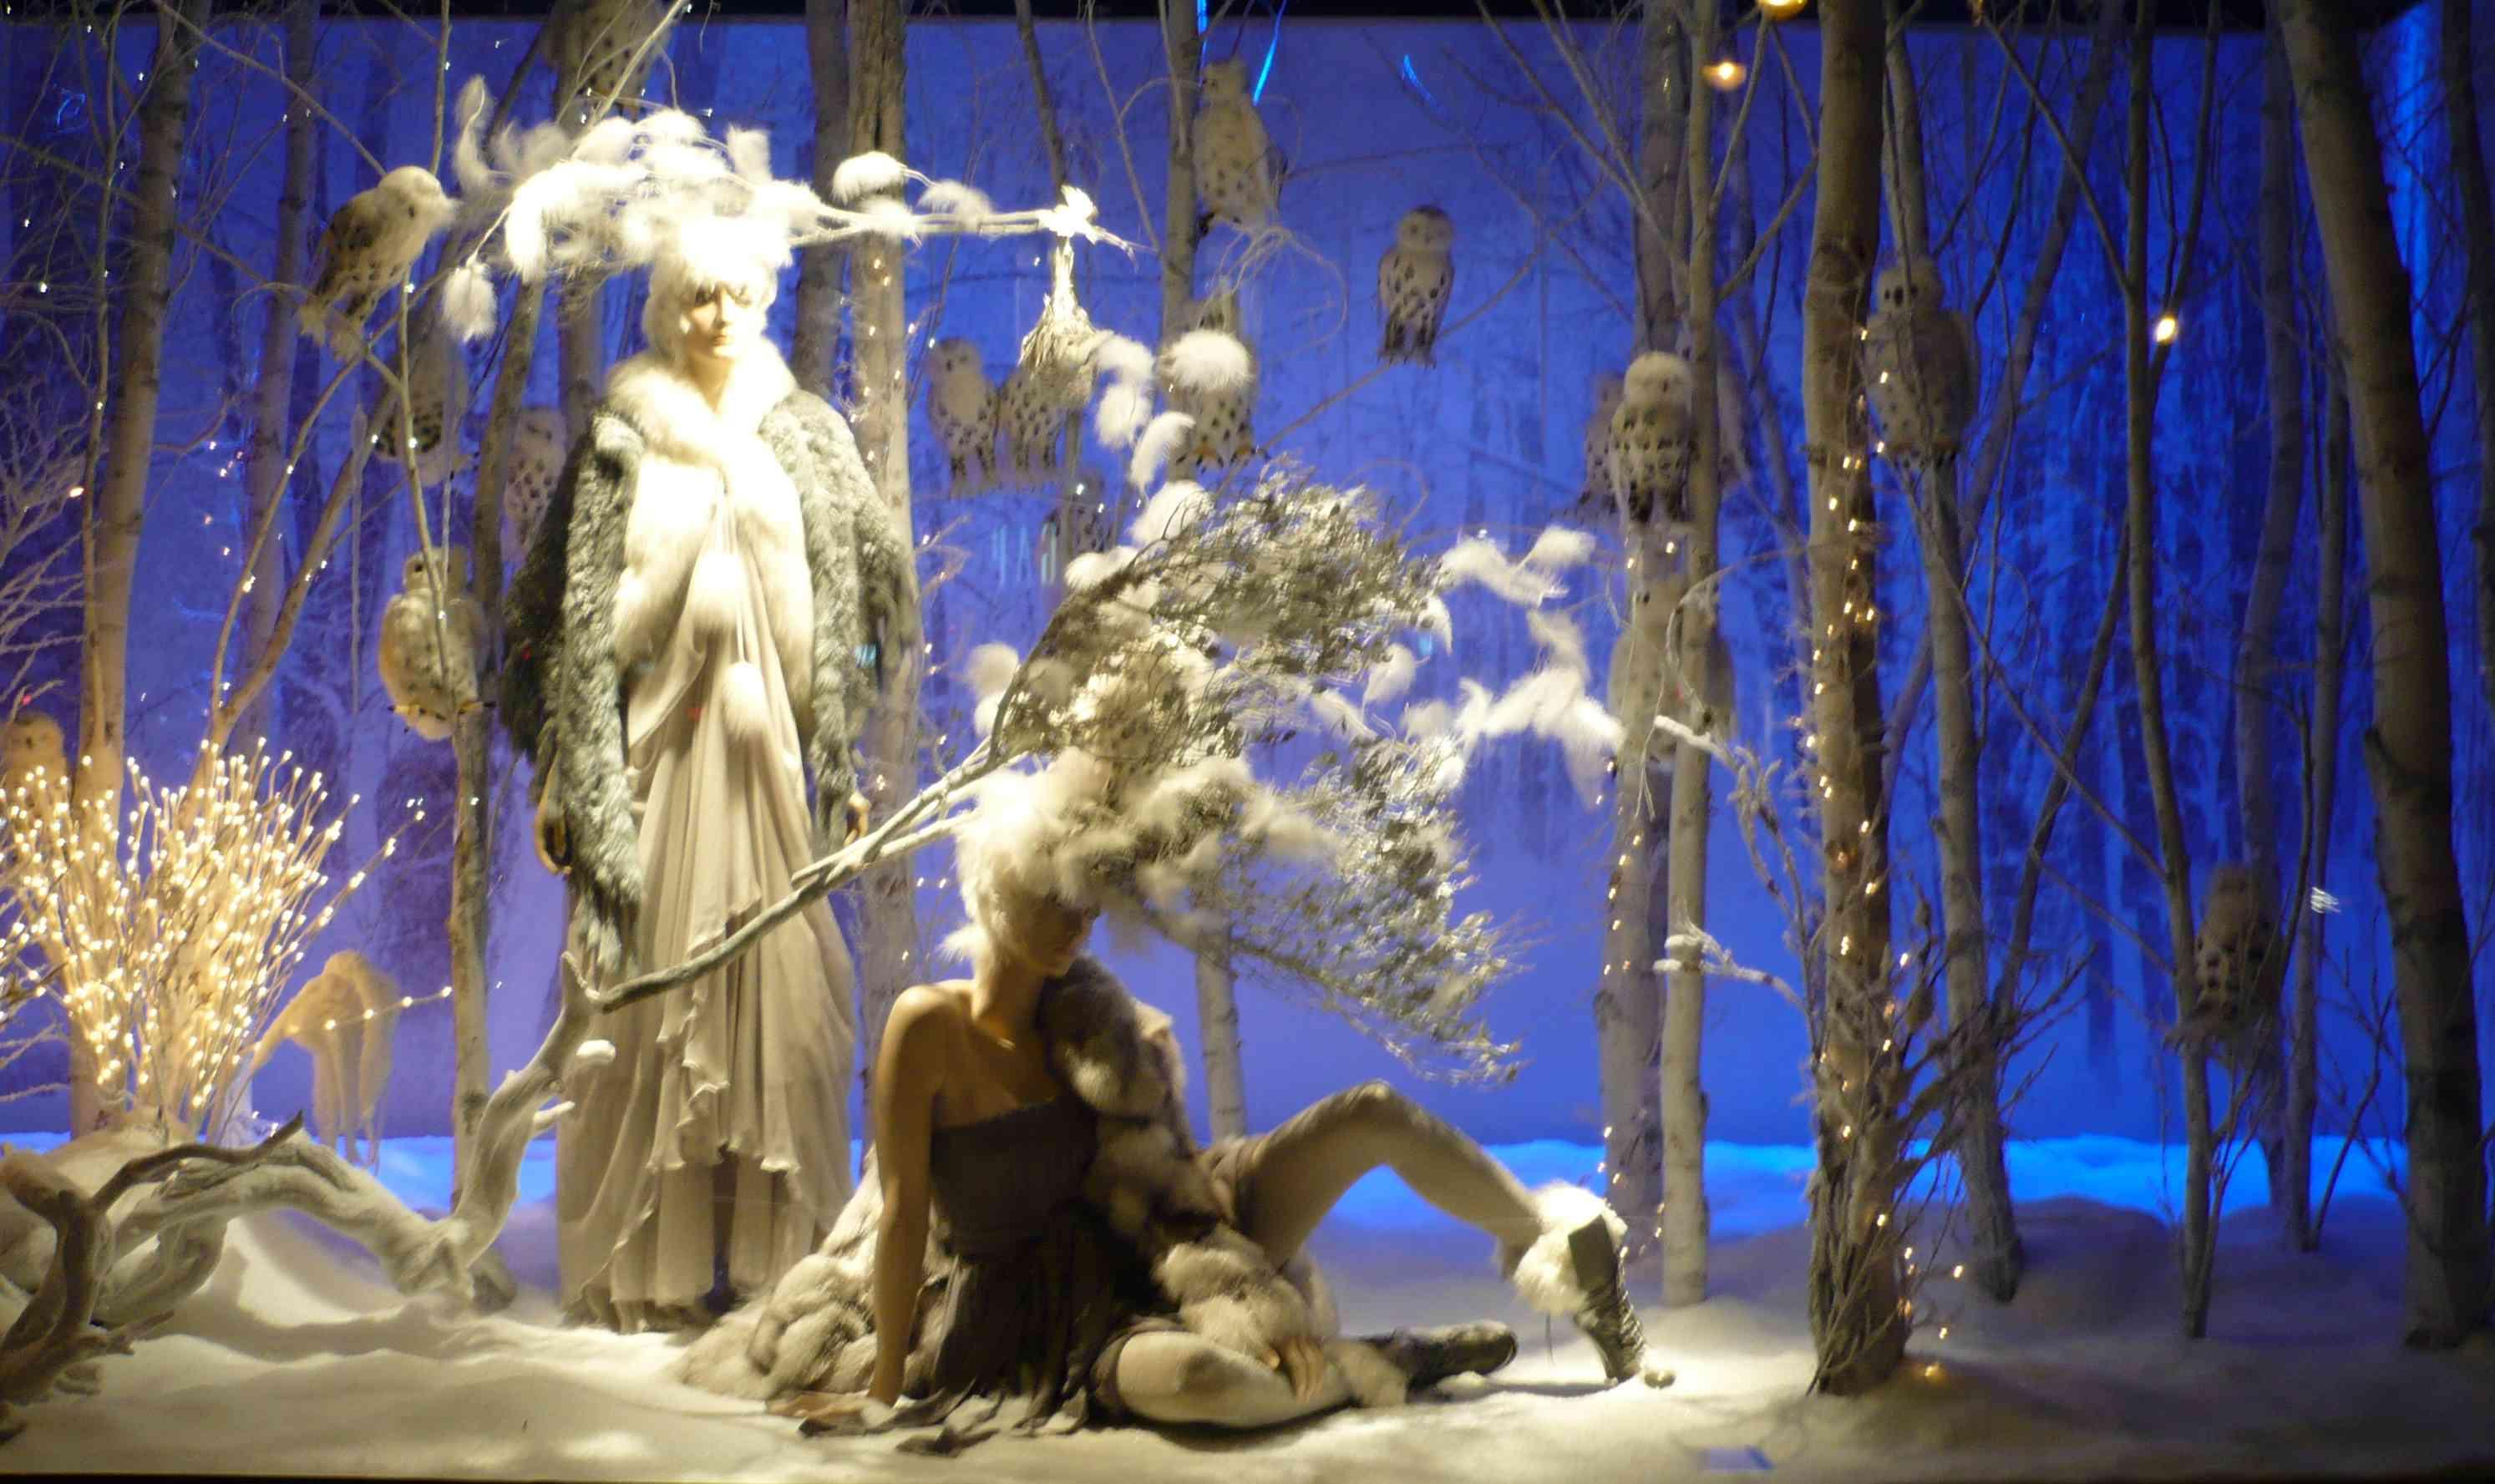 Ma traversee du miroir 2010 janvier 21 for Traversee du miroir